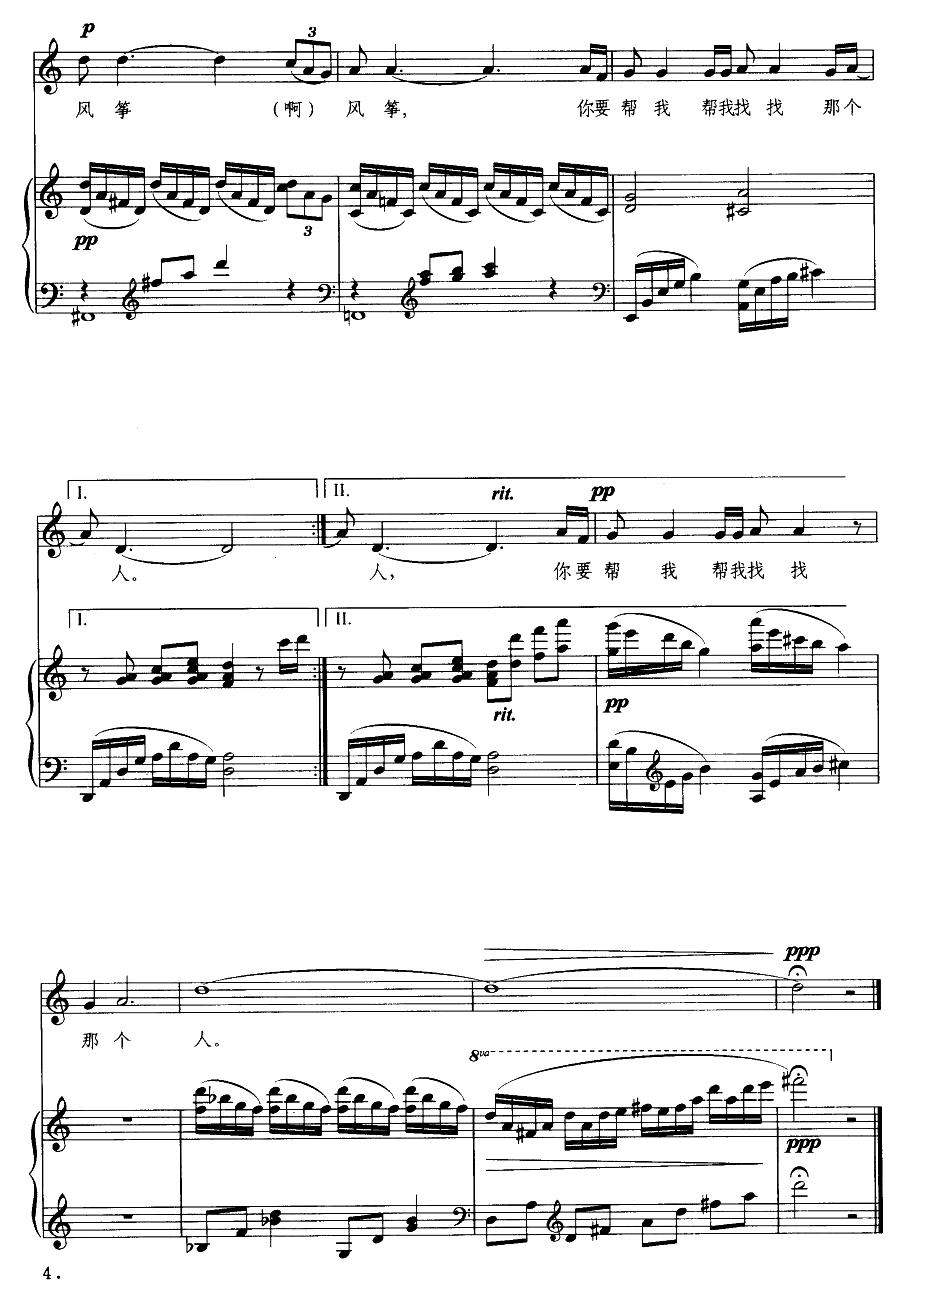 放风筝(钢琴伴奏谱)简谱